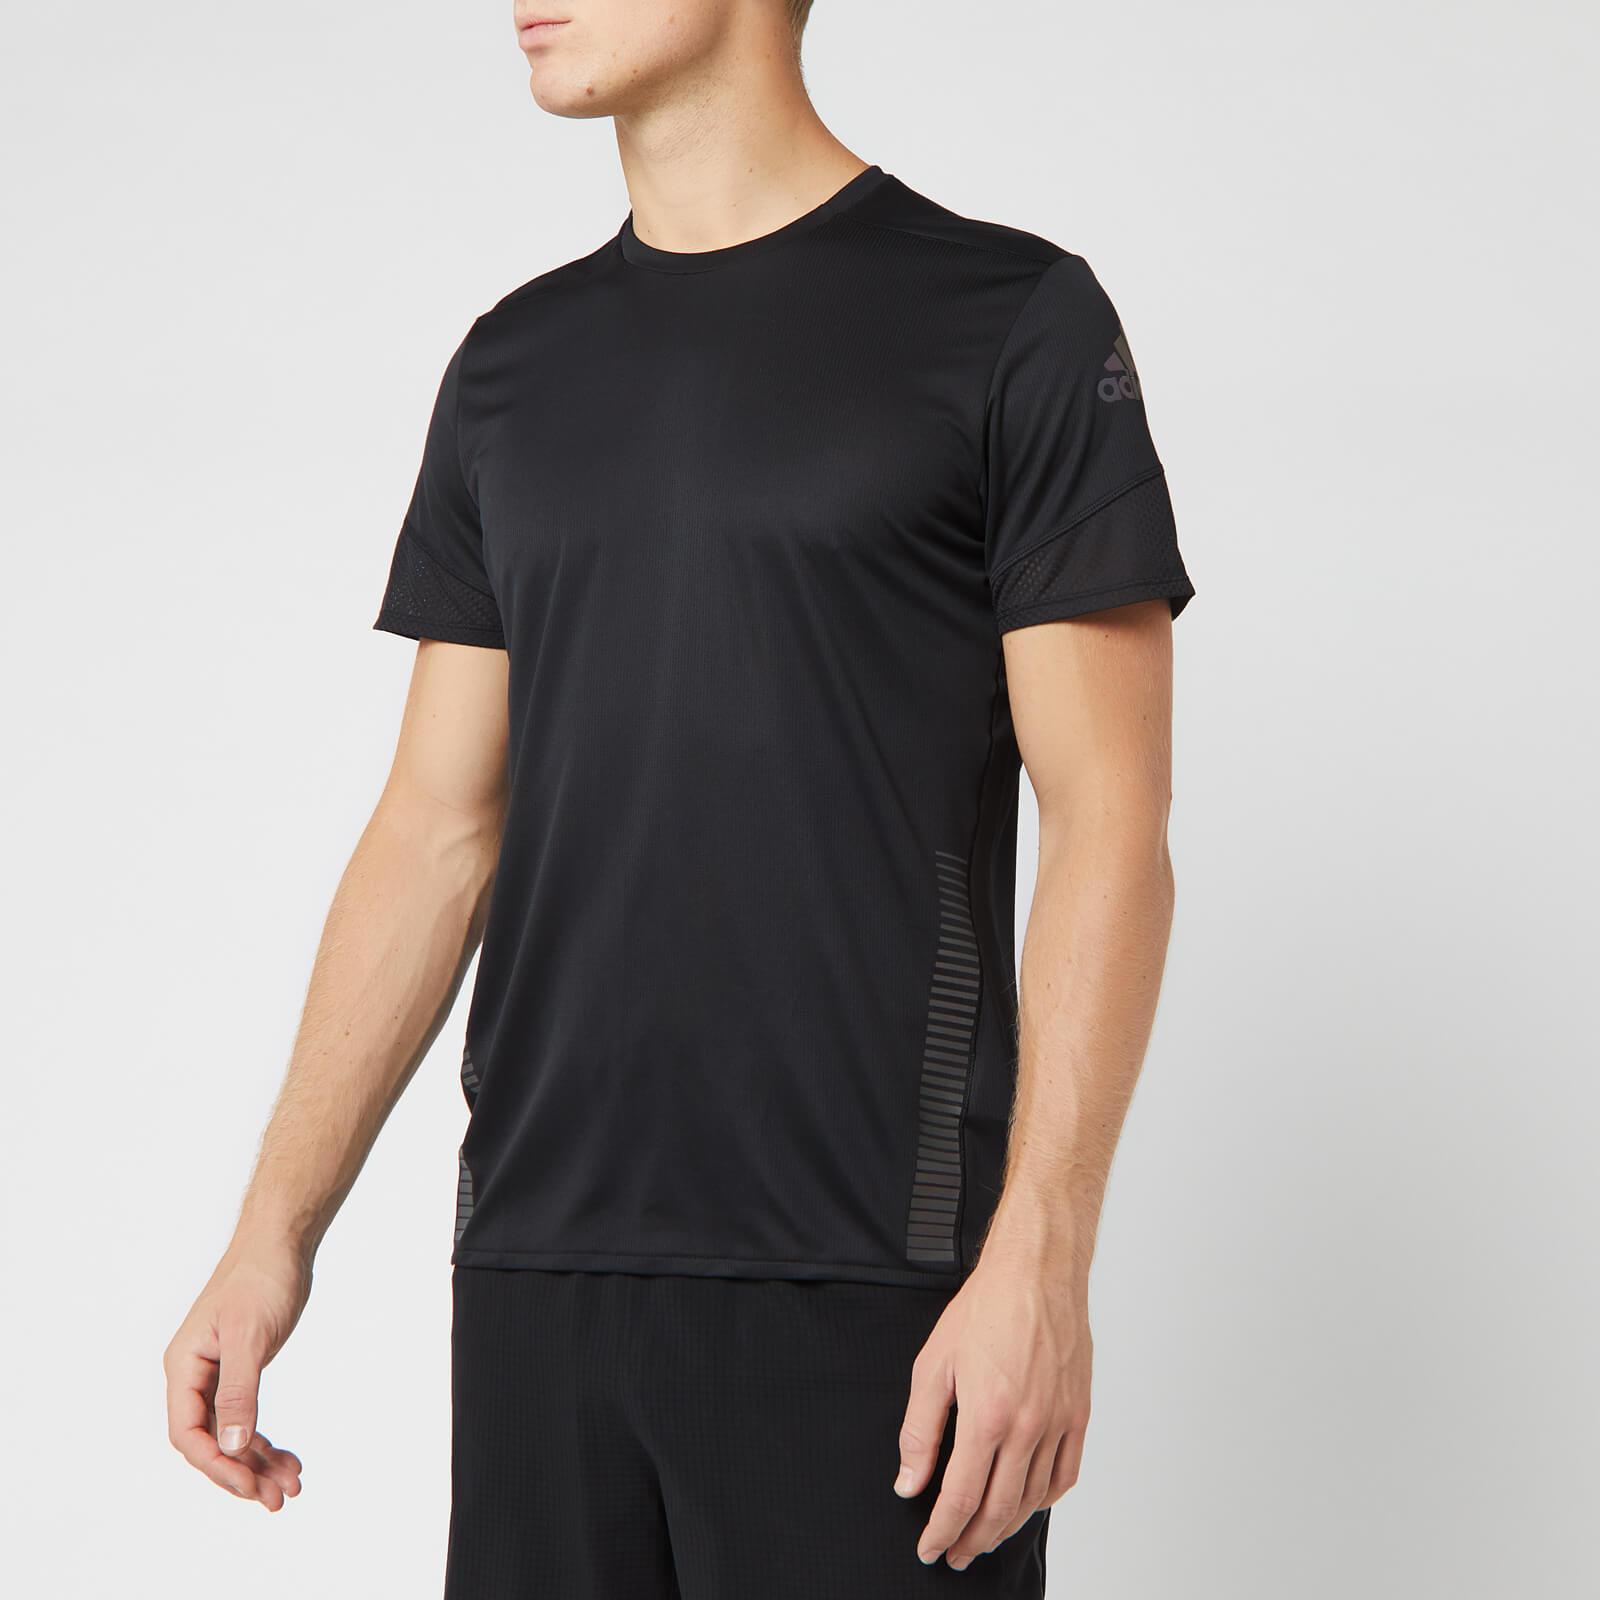 adidas top ten hi sleek, adidas 74 Catalog Photo T Shirt